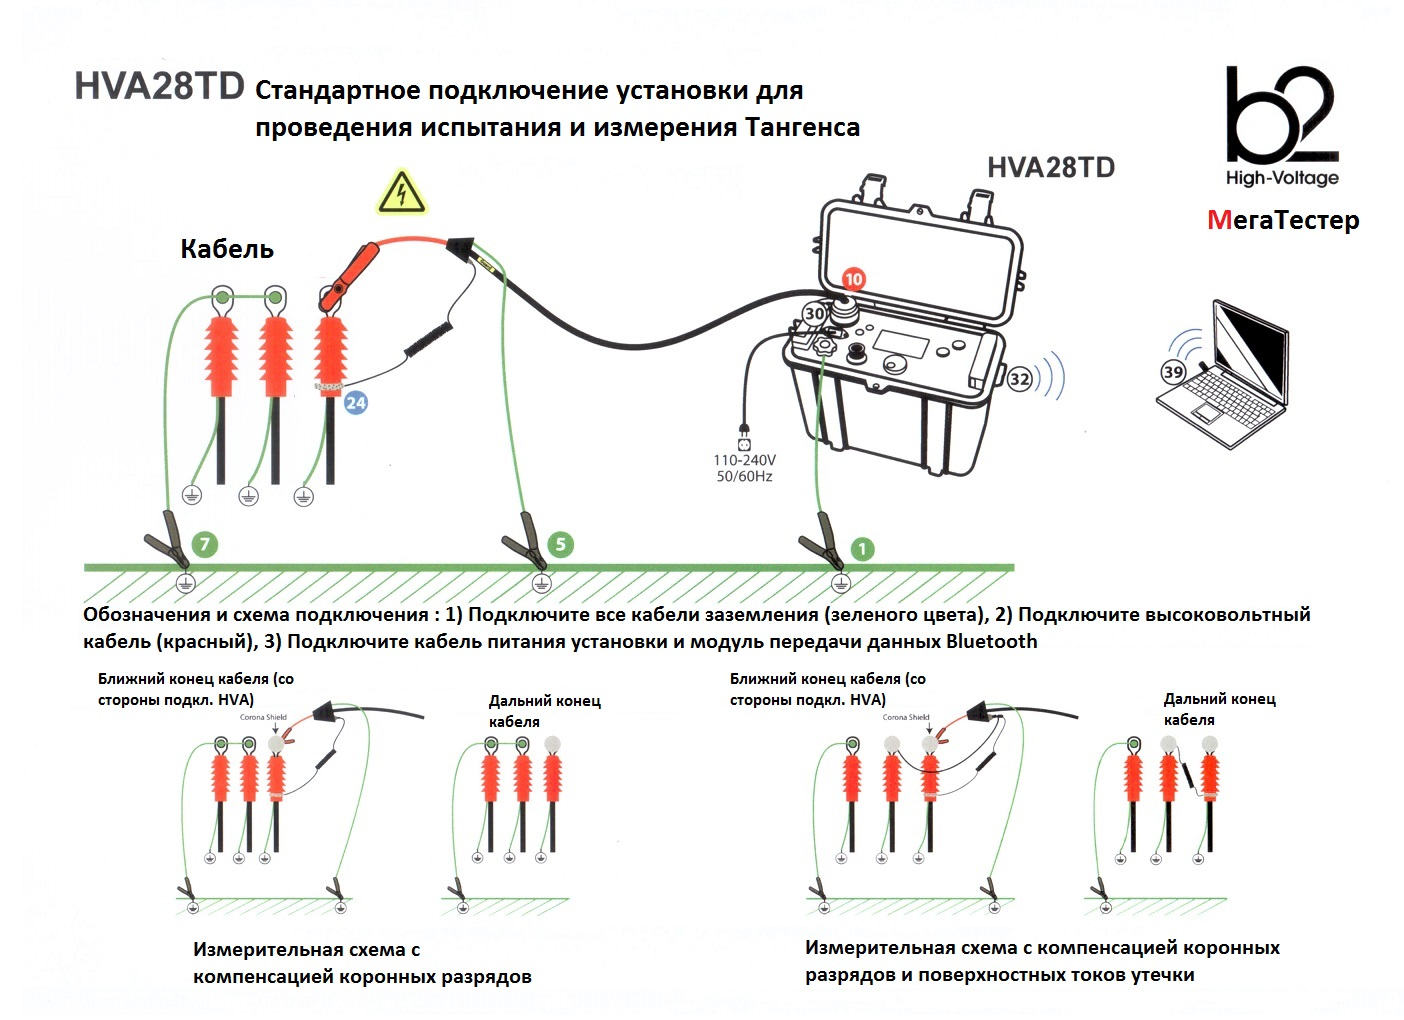 испытания высоковольтного кабеля: